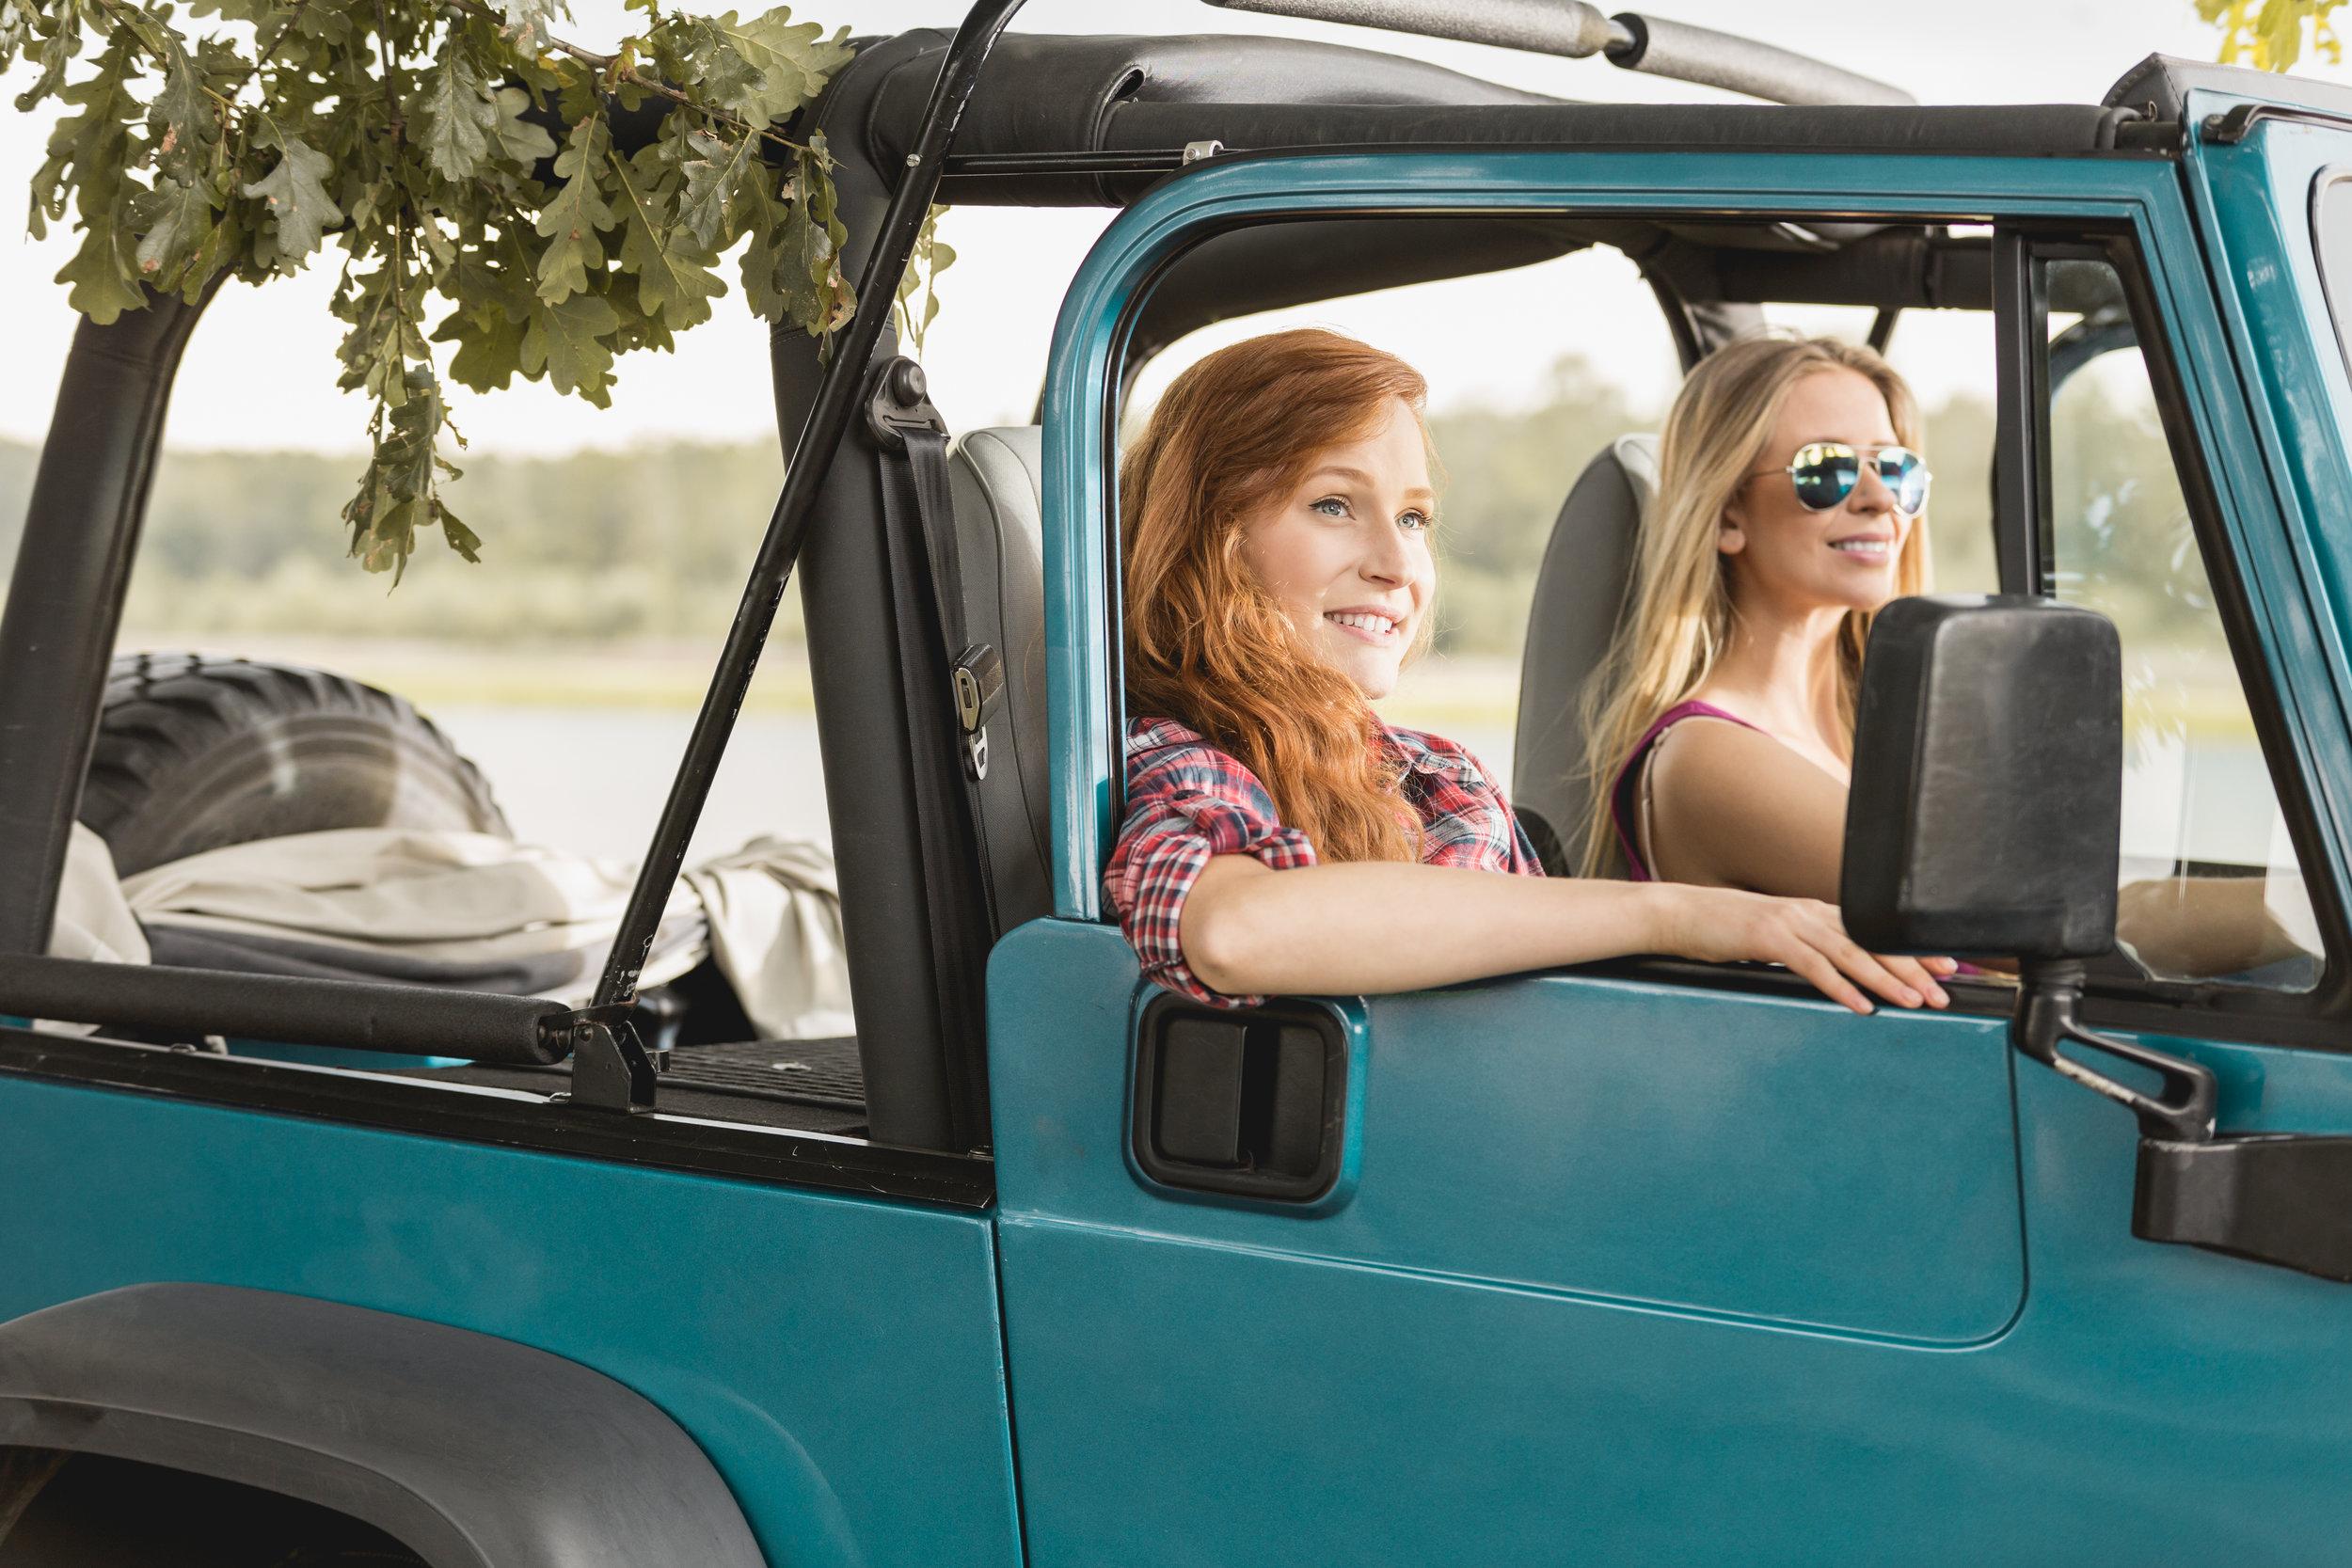 girls-driving-car-PZEXZP3.jpg